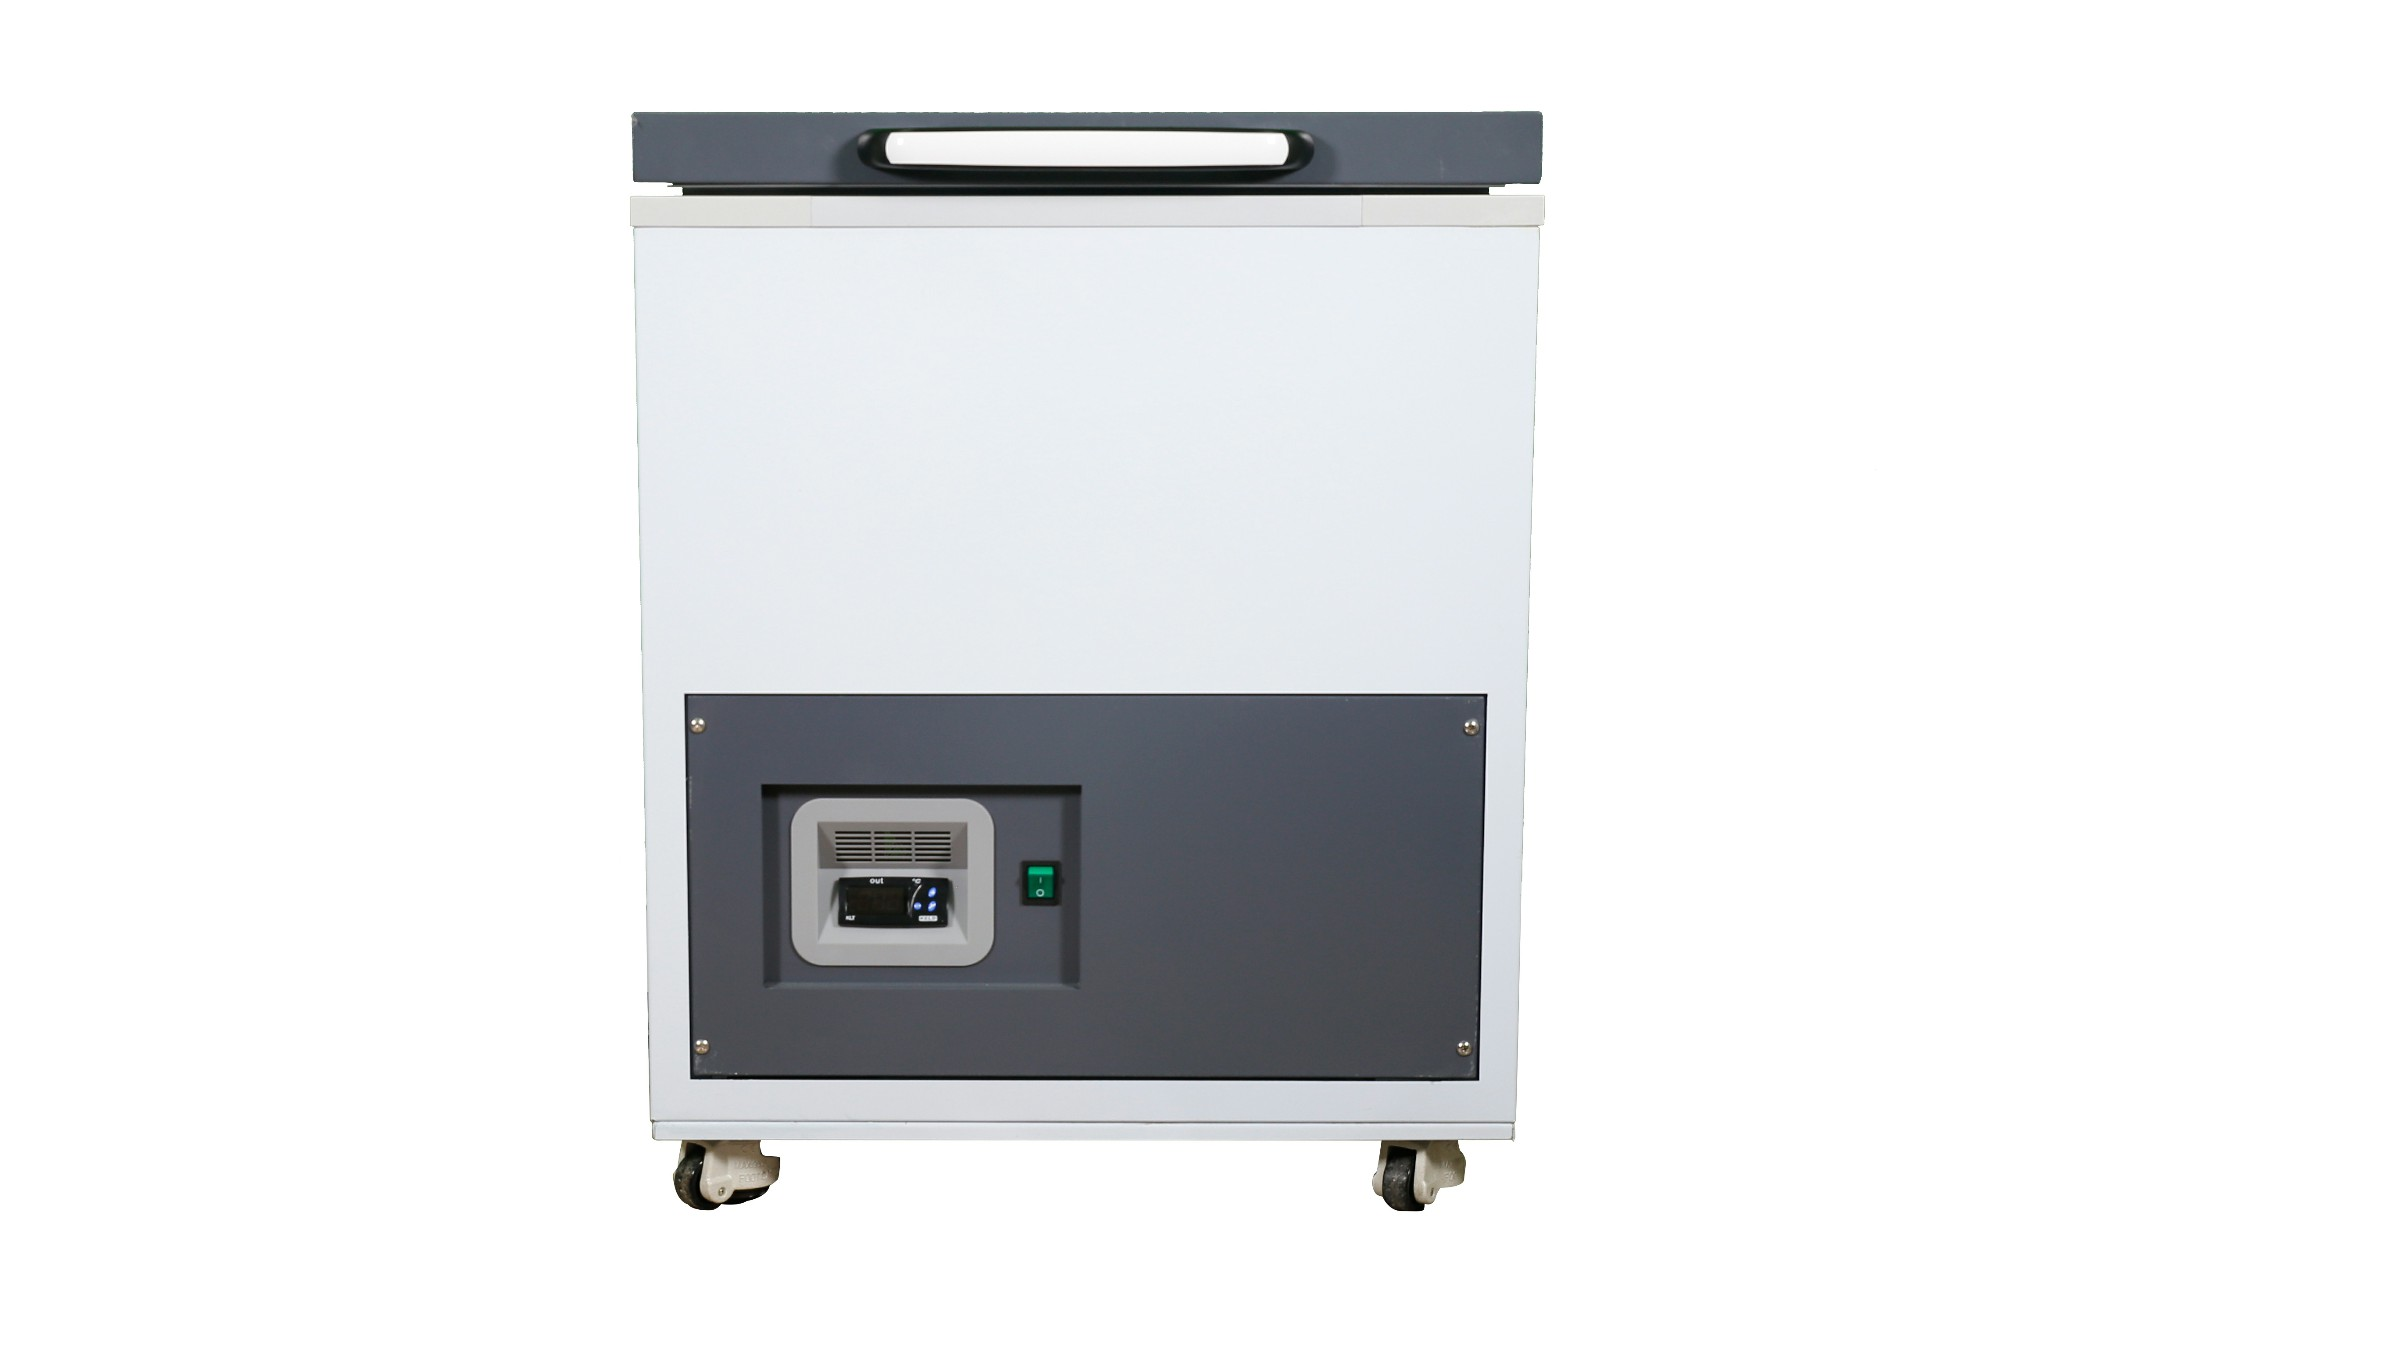 想买质量良好的-180度冷冻机,就来展望兴科技——供应冰箱